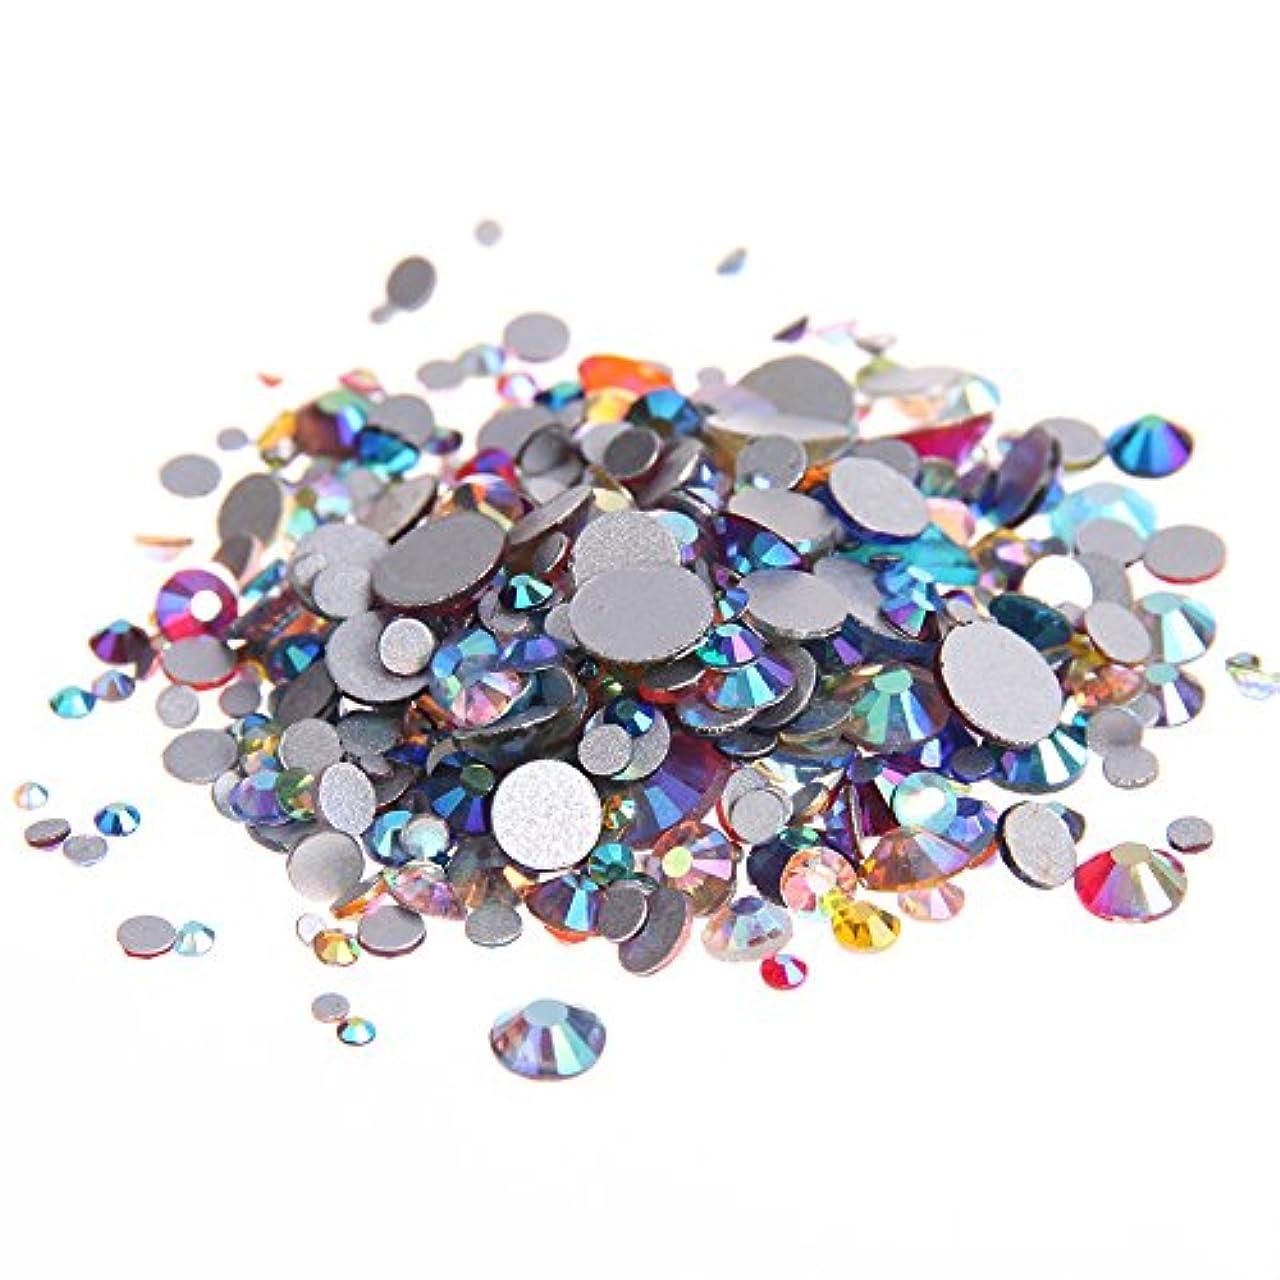 進捗宿題汚物Nizi ジュエリー ブランド 混合ABの色 ラインストーン はガラスの材質 ネイル使用 型番ss3-ss30 (SS16 1440pcs)